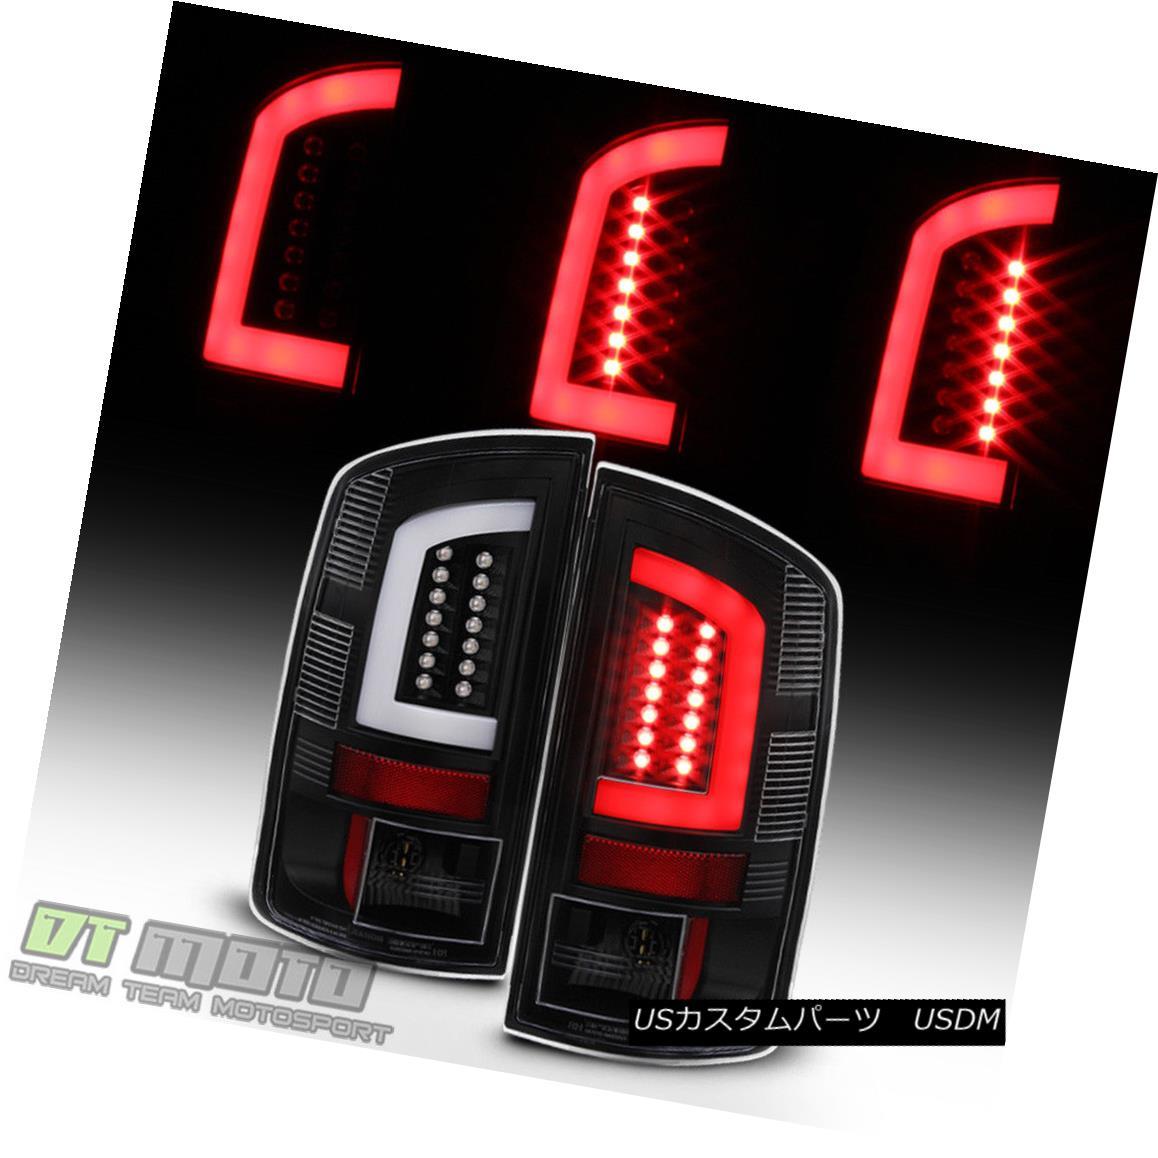 テールライト Black 2002-2006 Dodge Ram 1500 03-06 Ram 2500 3500 [LED Tube] Tail Lights Lamps 黒2002-2006 Dodge Ram 1500 03-06 Ram 2500 3500 [LED Tube]テールライトランプ